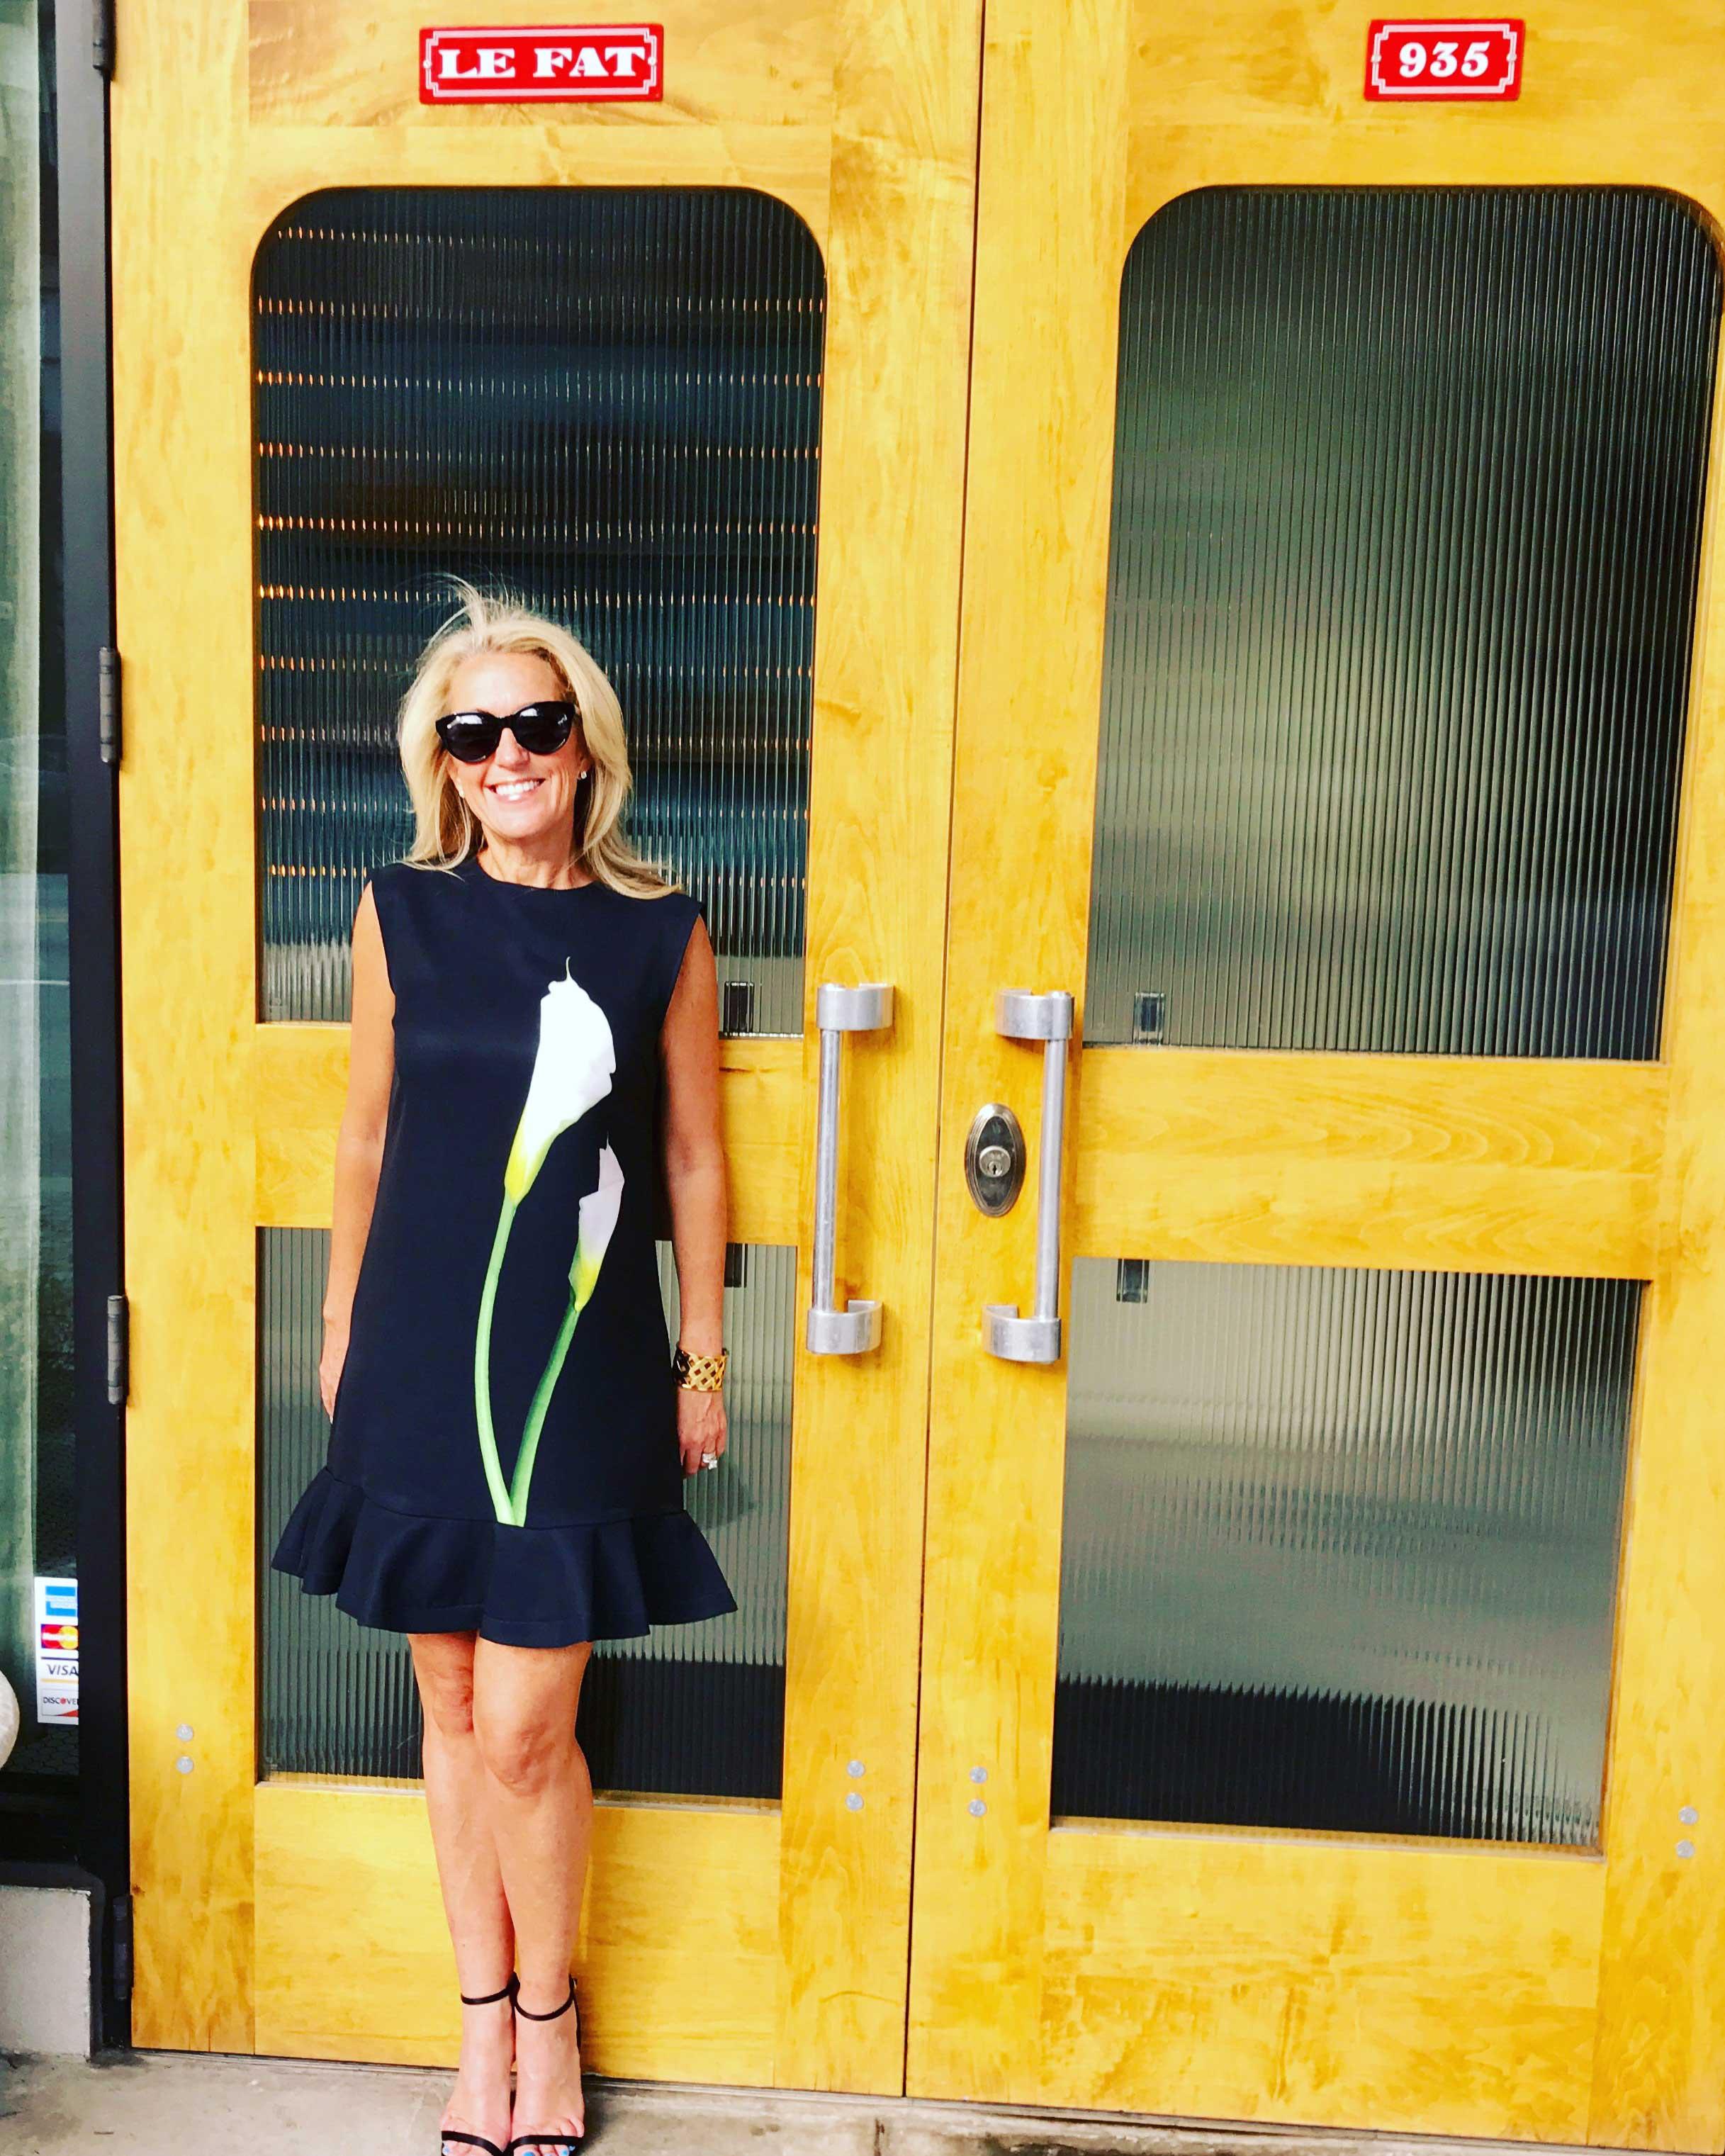 Victoria Beckham, VBxTarget, Target, Target Fashion, Victoria by Victoria Beckham, A Rebel in Prada, Michelle Crosland, Atlanta Fashion Blog